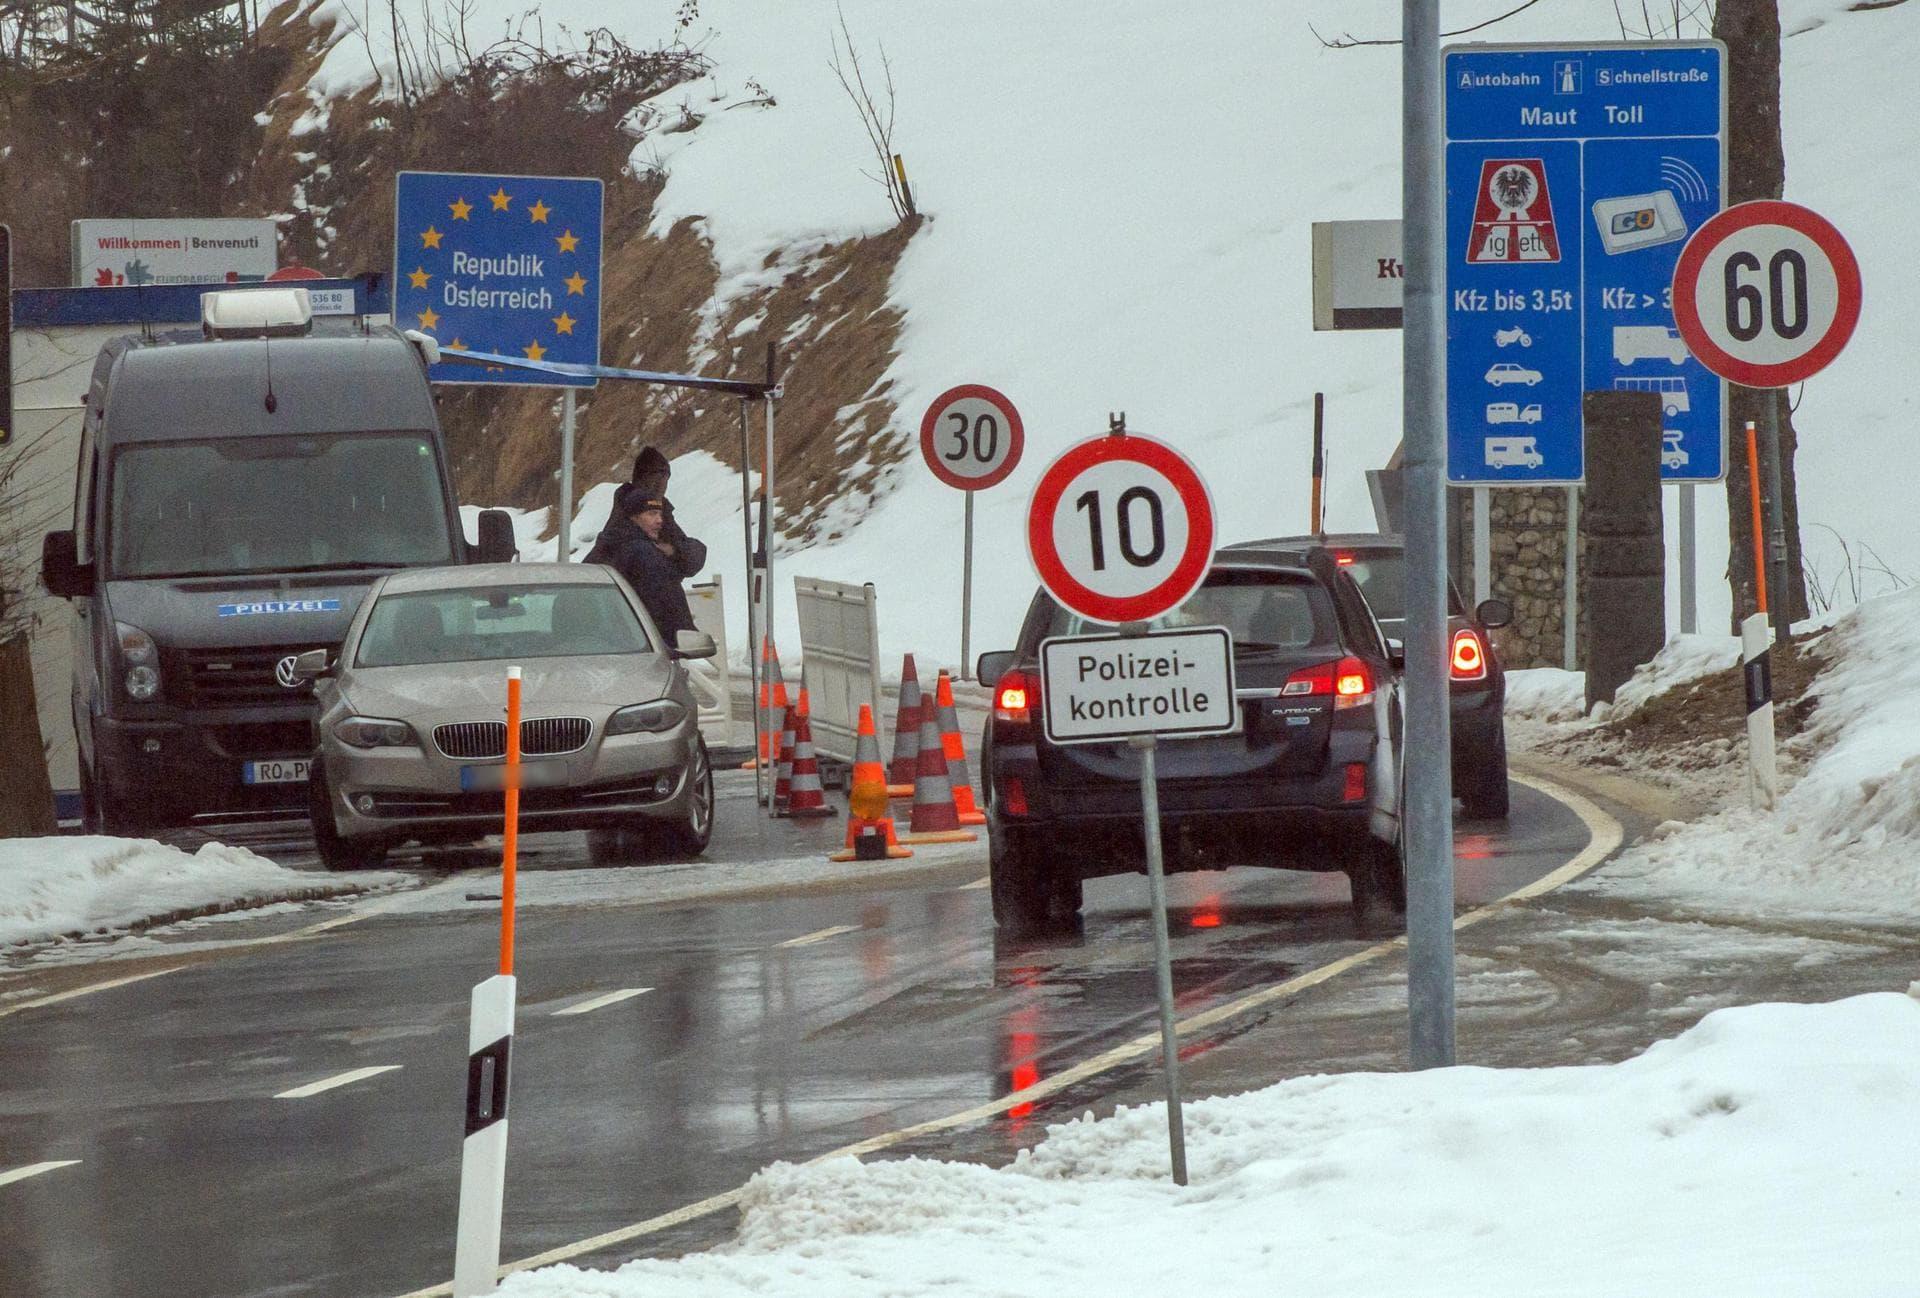 Bescheinigung für Grenzgänger Warnung vor Grenzschließung